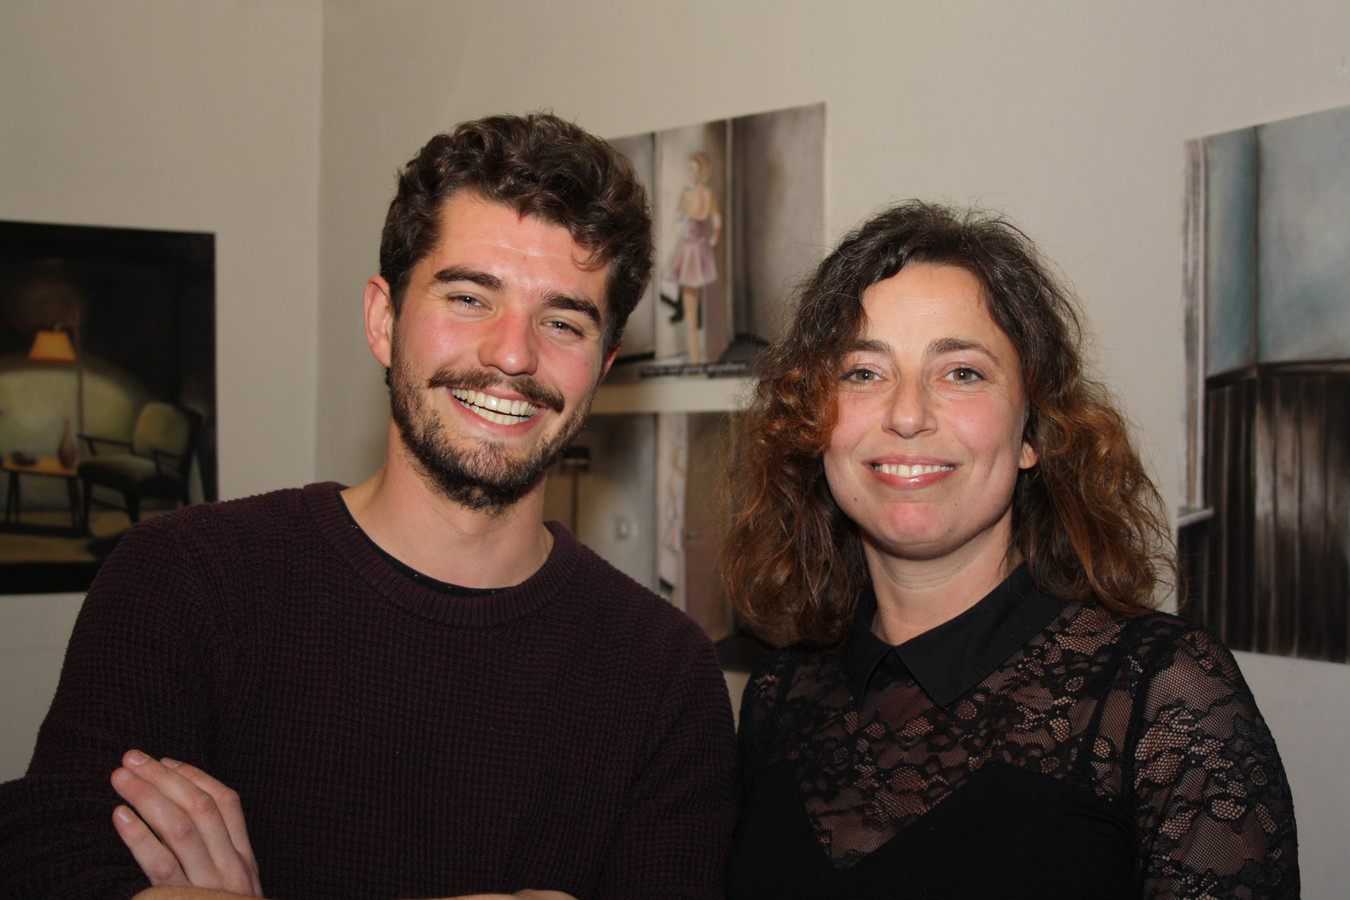 Chef Volmolen Diederik la Verge en Ilana Sandelowsky, zakelijk leider van de Cultuurbrigade.